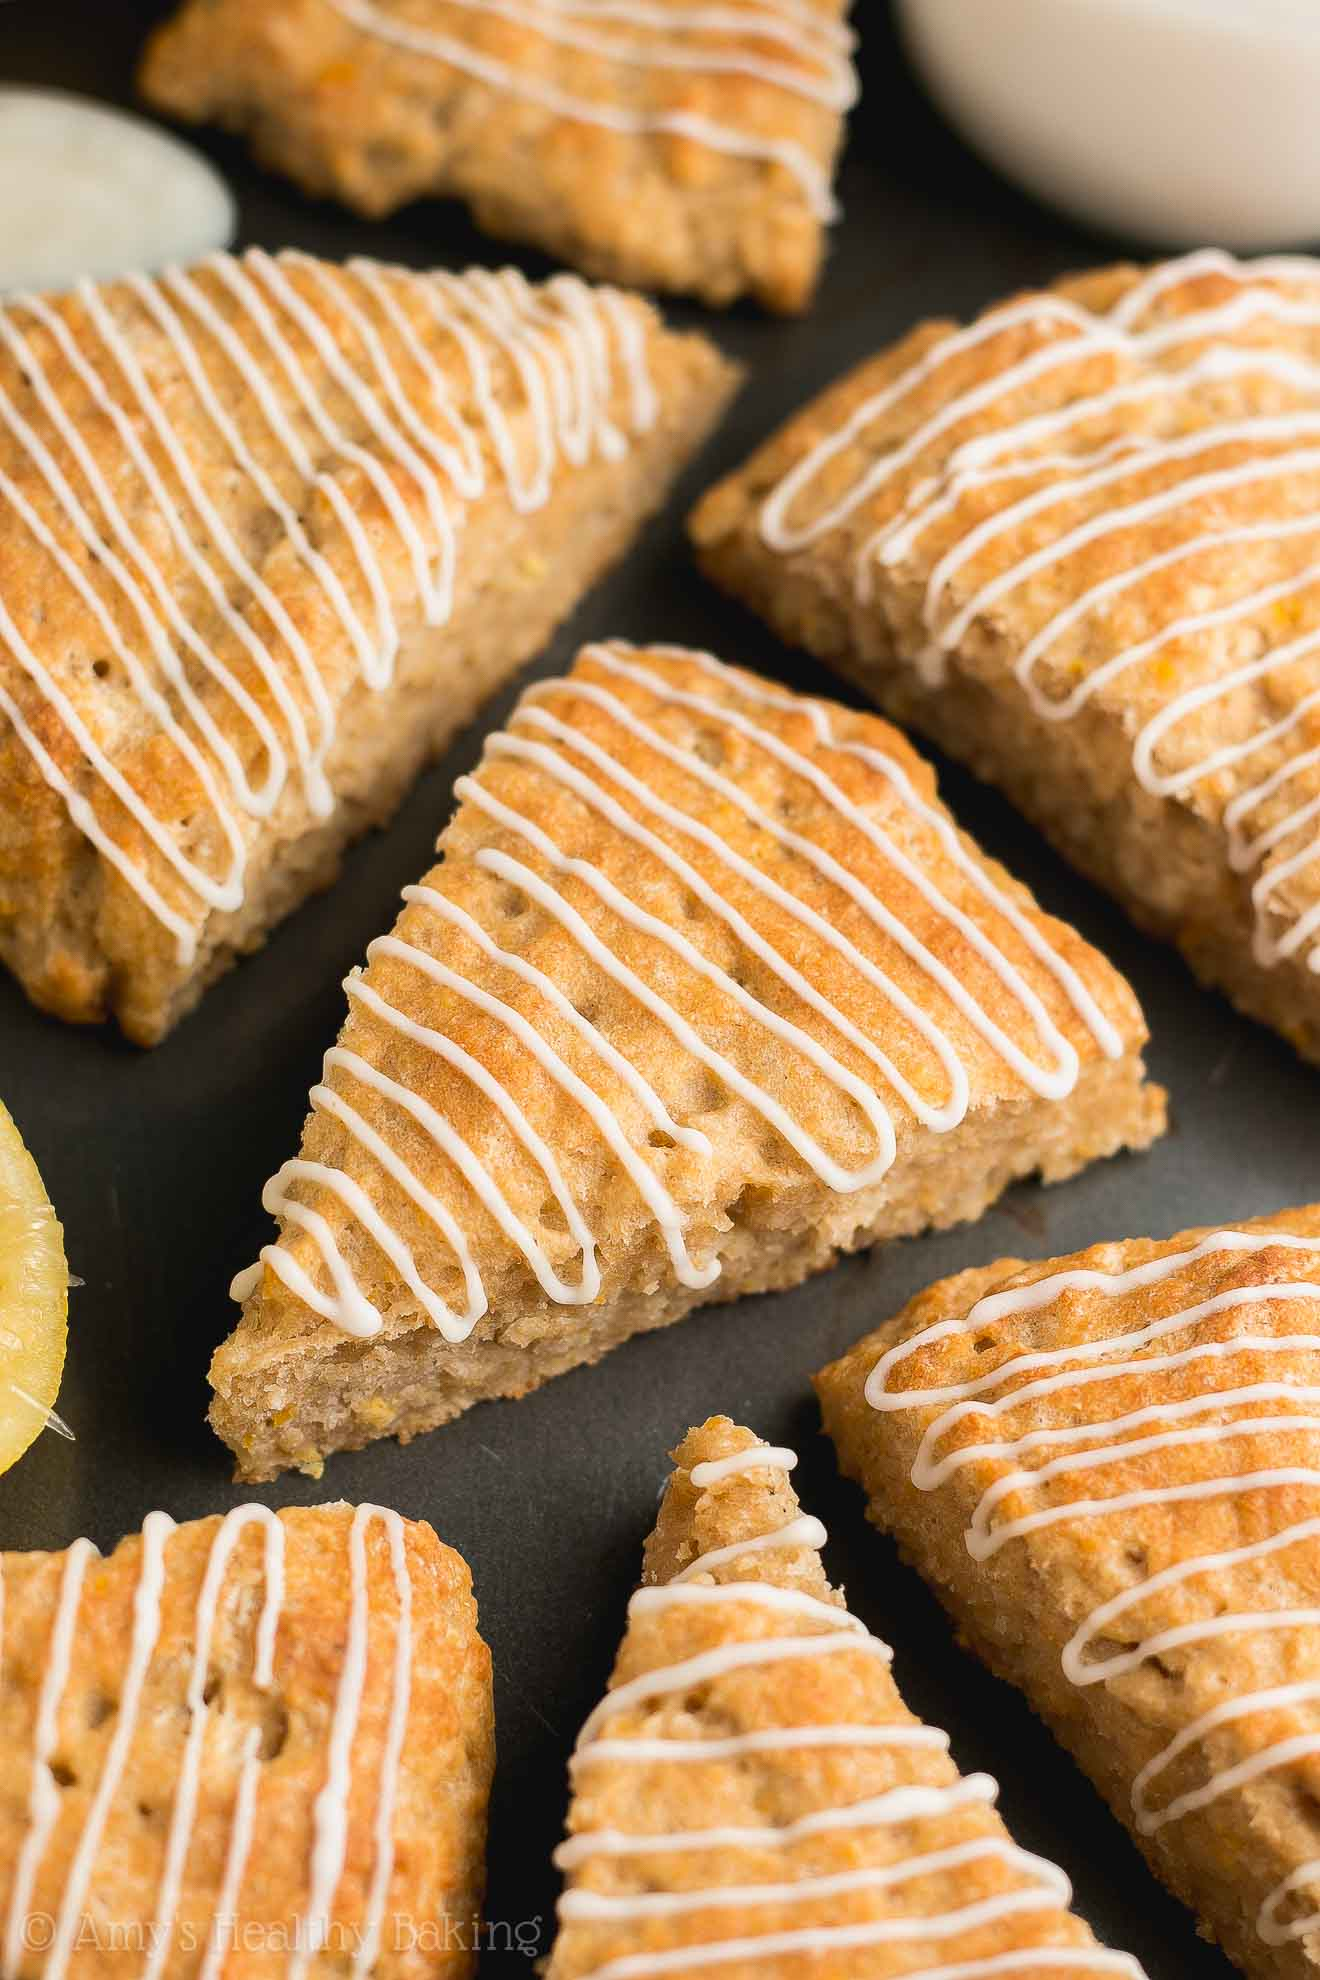 Healthy Low-Calorie Lemon Scones with Lemon Glaze